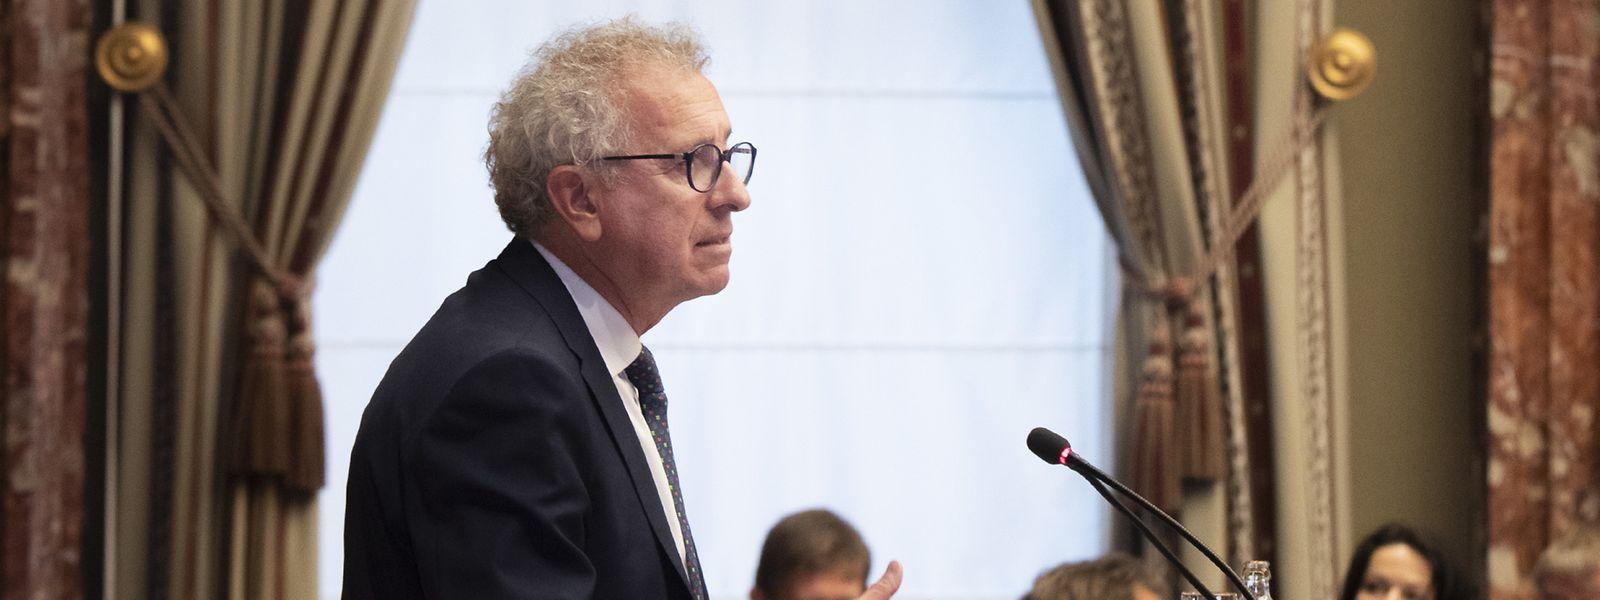 Pour Pierre Gramegna, le projet de loi de budget 2022 met notamment l'accent sur le volet social, qui représente «47% des dépenses prévues».